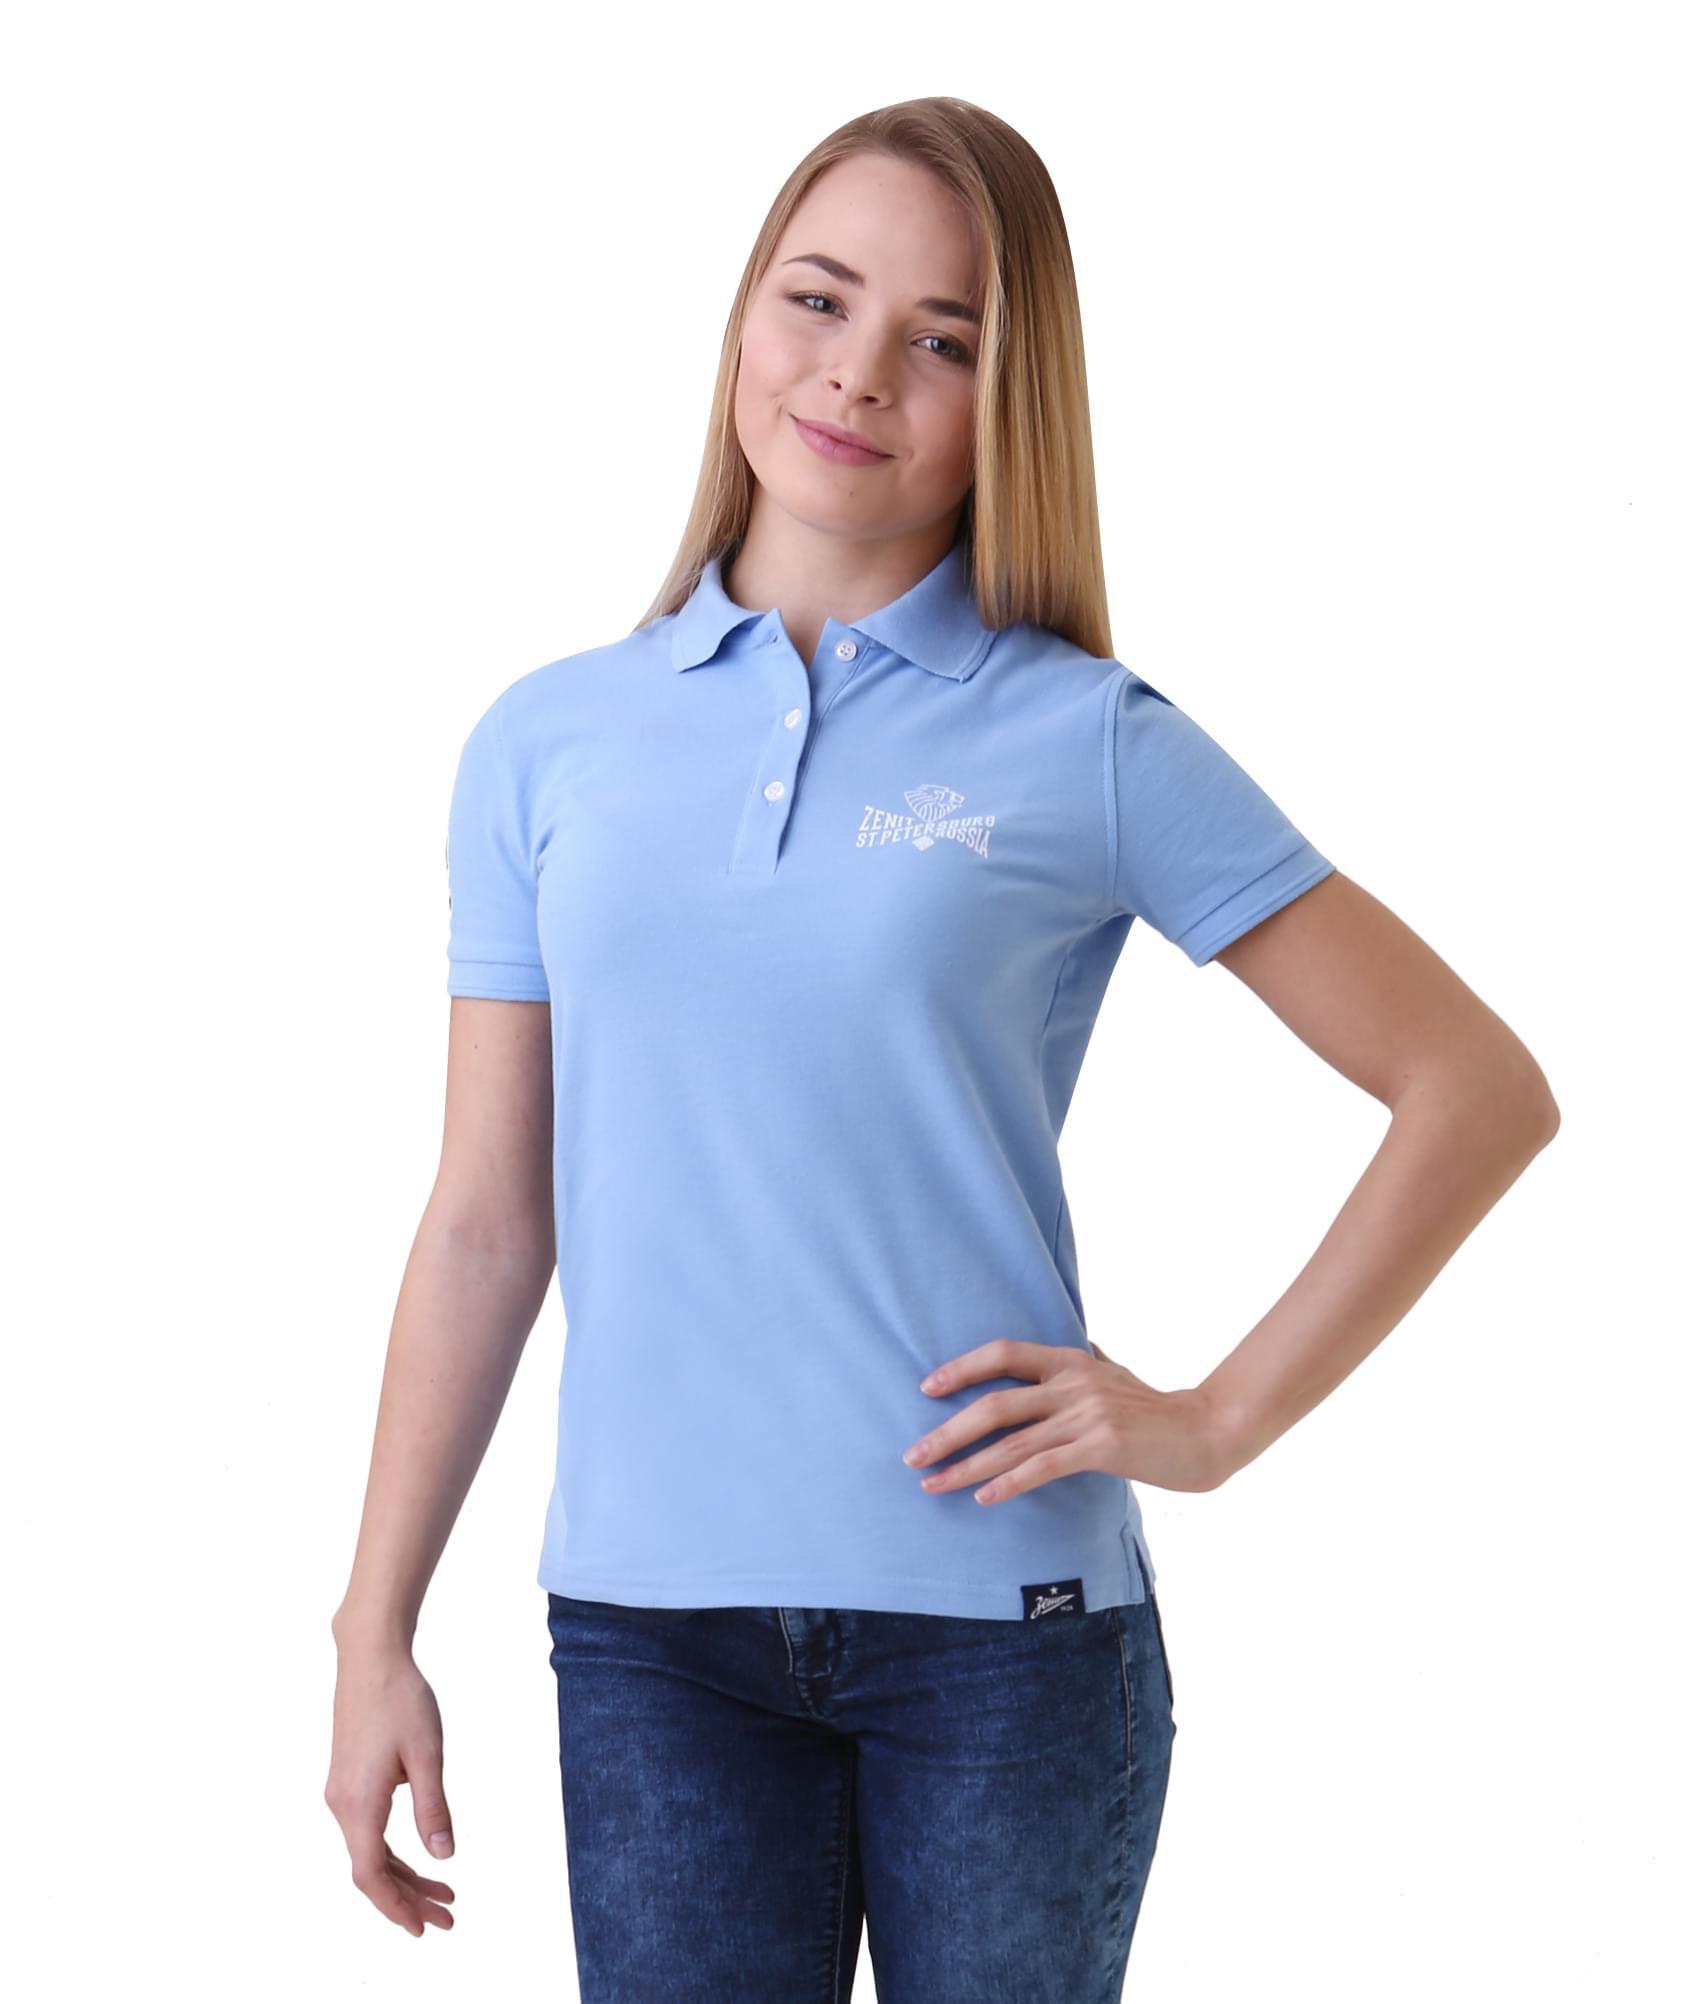 Поло женское, Цвет-Голубой, Размер-M поло nike цвет голубой размер m